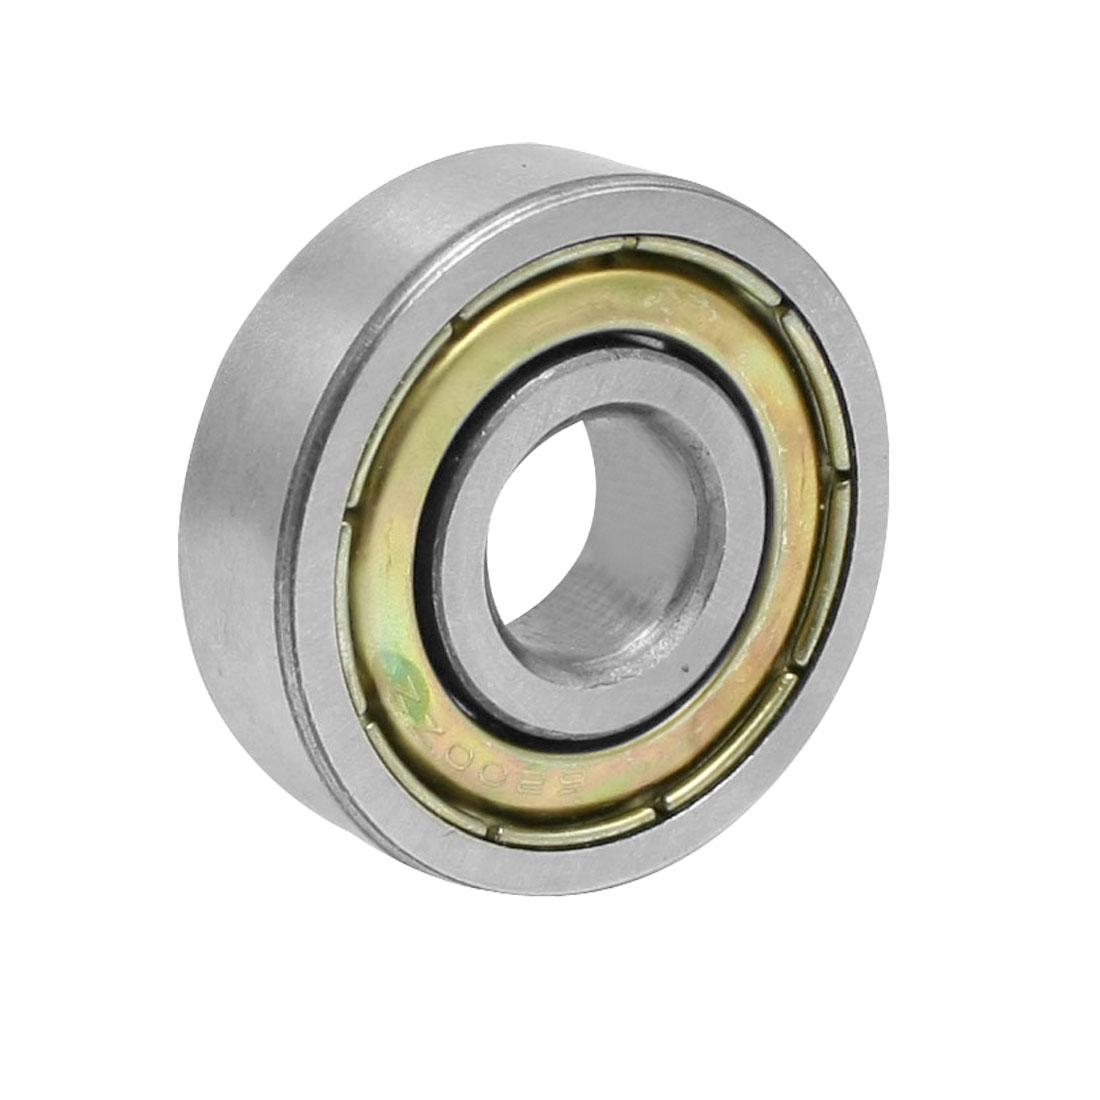 6200ZZ 2 Metal Shields Deep Groove Ball Bearing 10mm x 30mm x 9mm